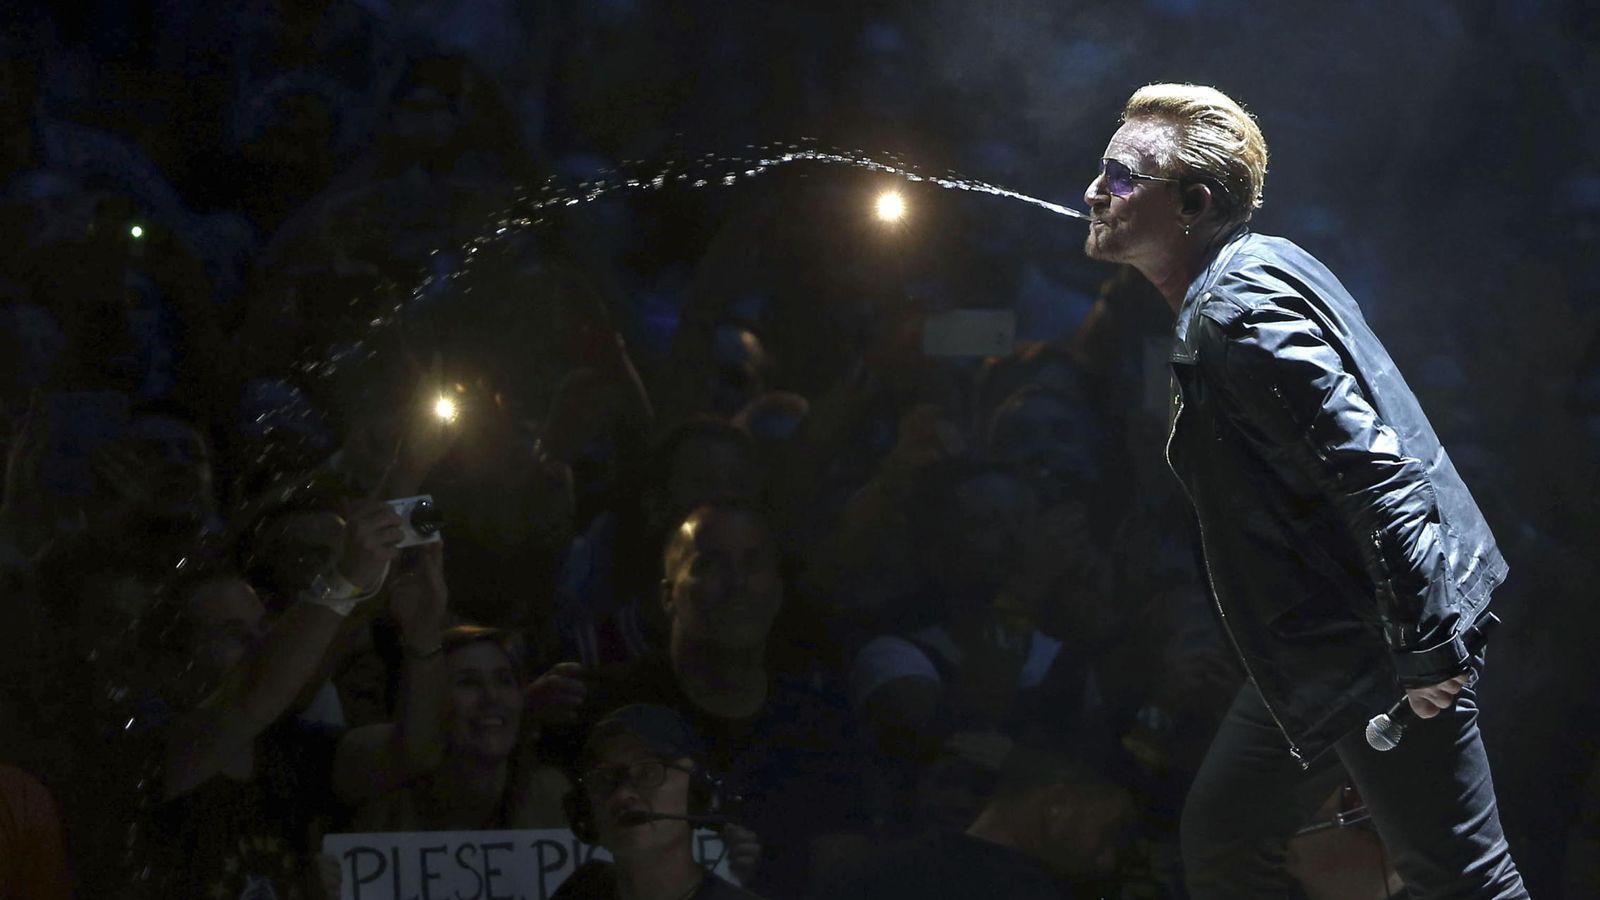 Foto: Bono, de U2, durante su concierto en Barcelona en octubre de 2015 (EFE/Toni Albil)